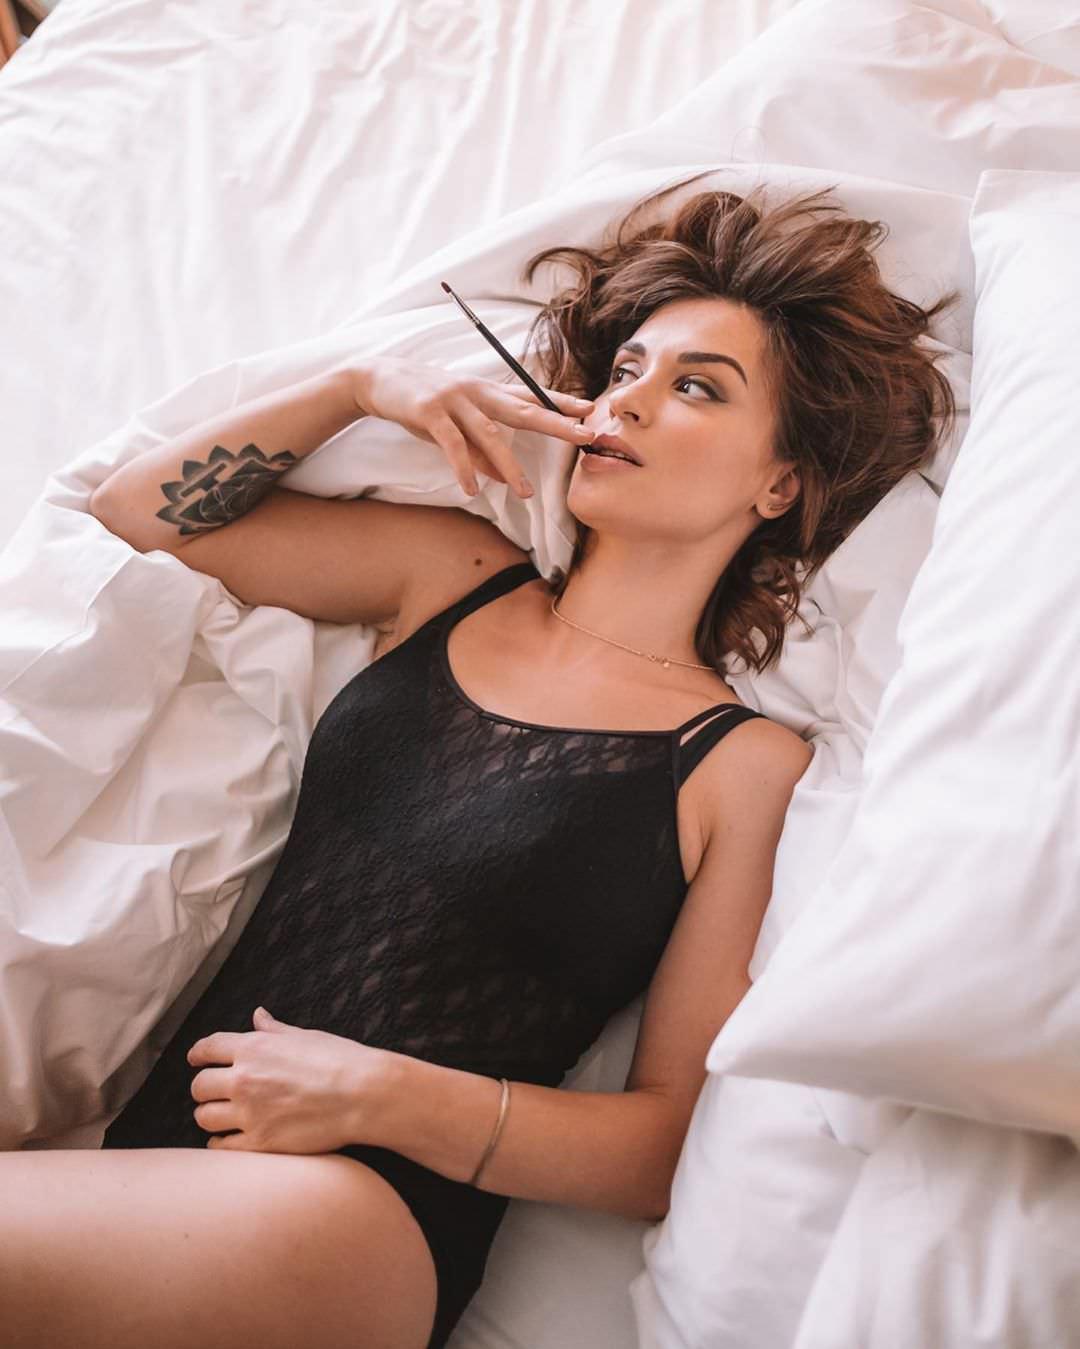 Ирина Муромцева фото с распущенными волосами